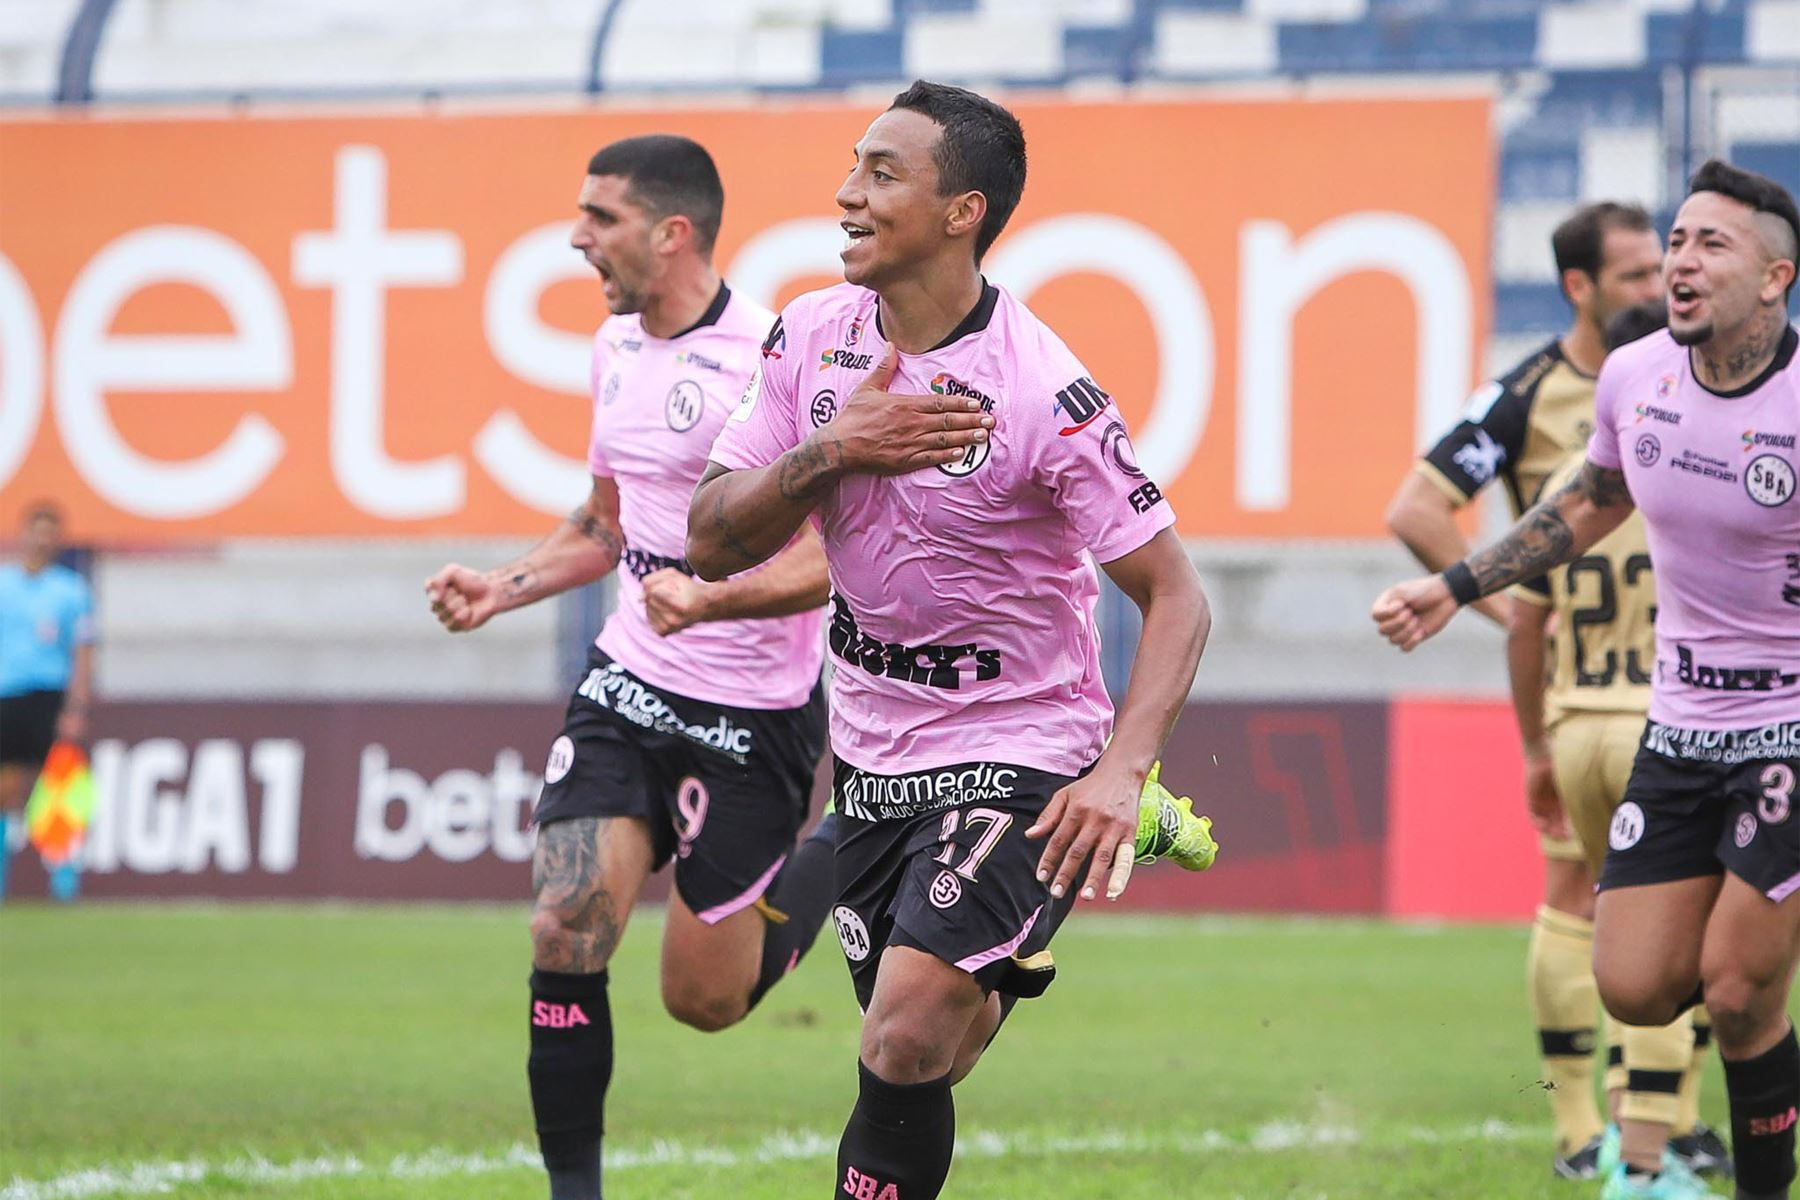 El futbolista Joao Villamarín de Sport Boys celebra su segundo gol anotado  ante  el Cusco FC durante el partido de la fecha 12 de la Liga 1 en el estadio Iván Elías Moreno en Villa el Salvador. Foto: @LigaFutProf